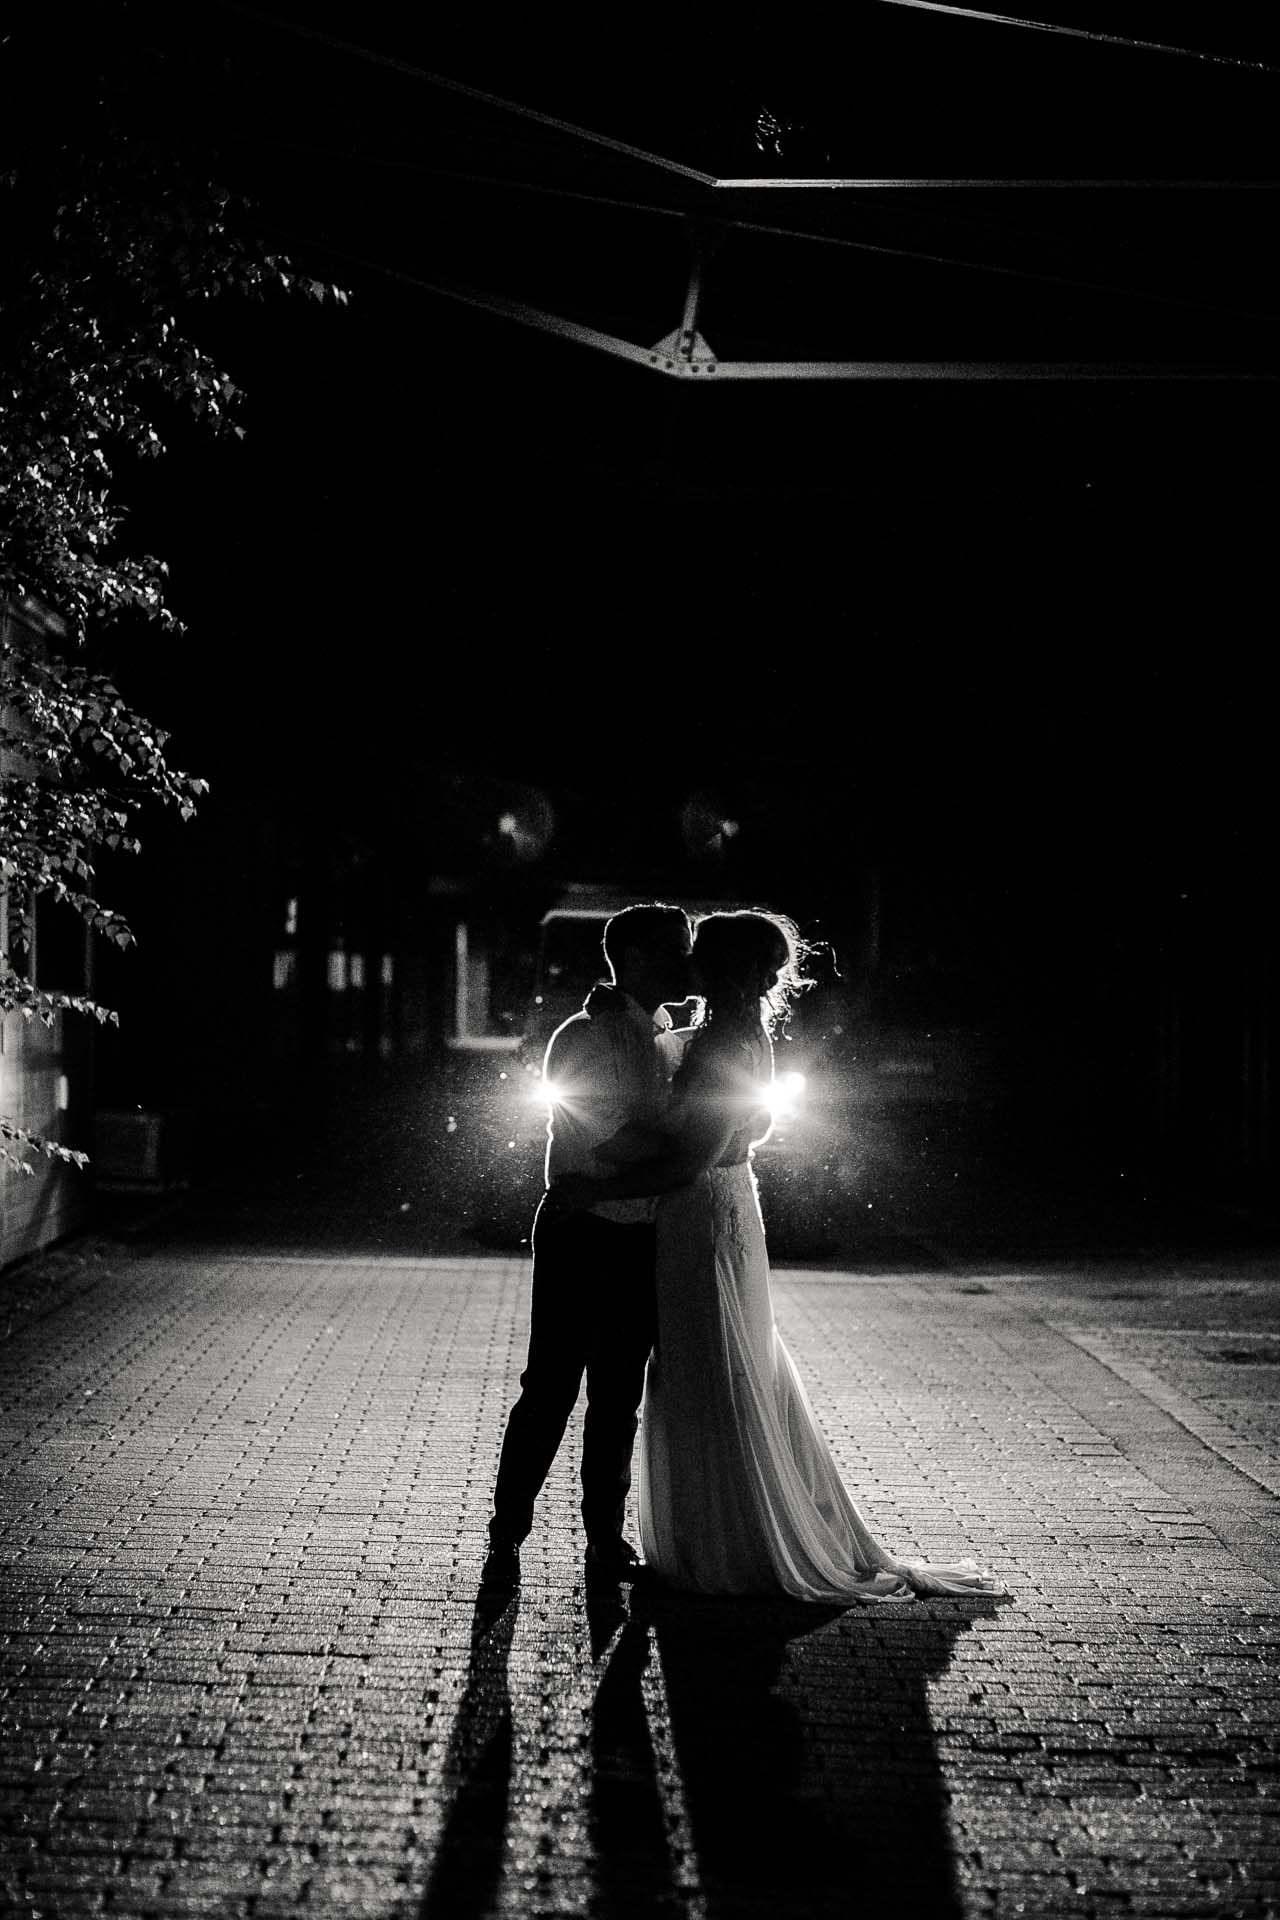 Janine & Boris im Gegenlicht der Autoscheinwerfer